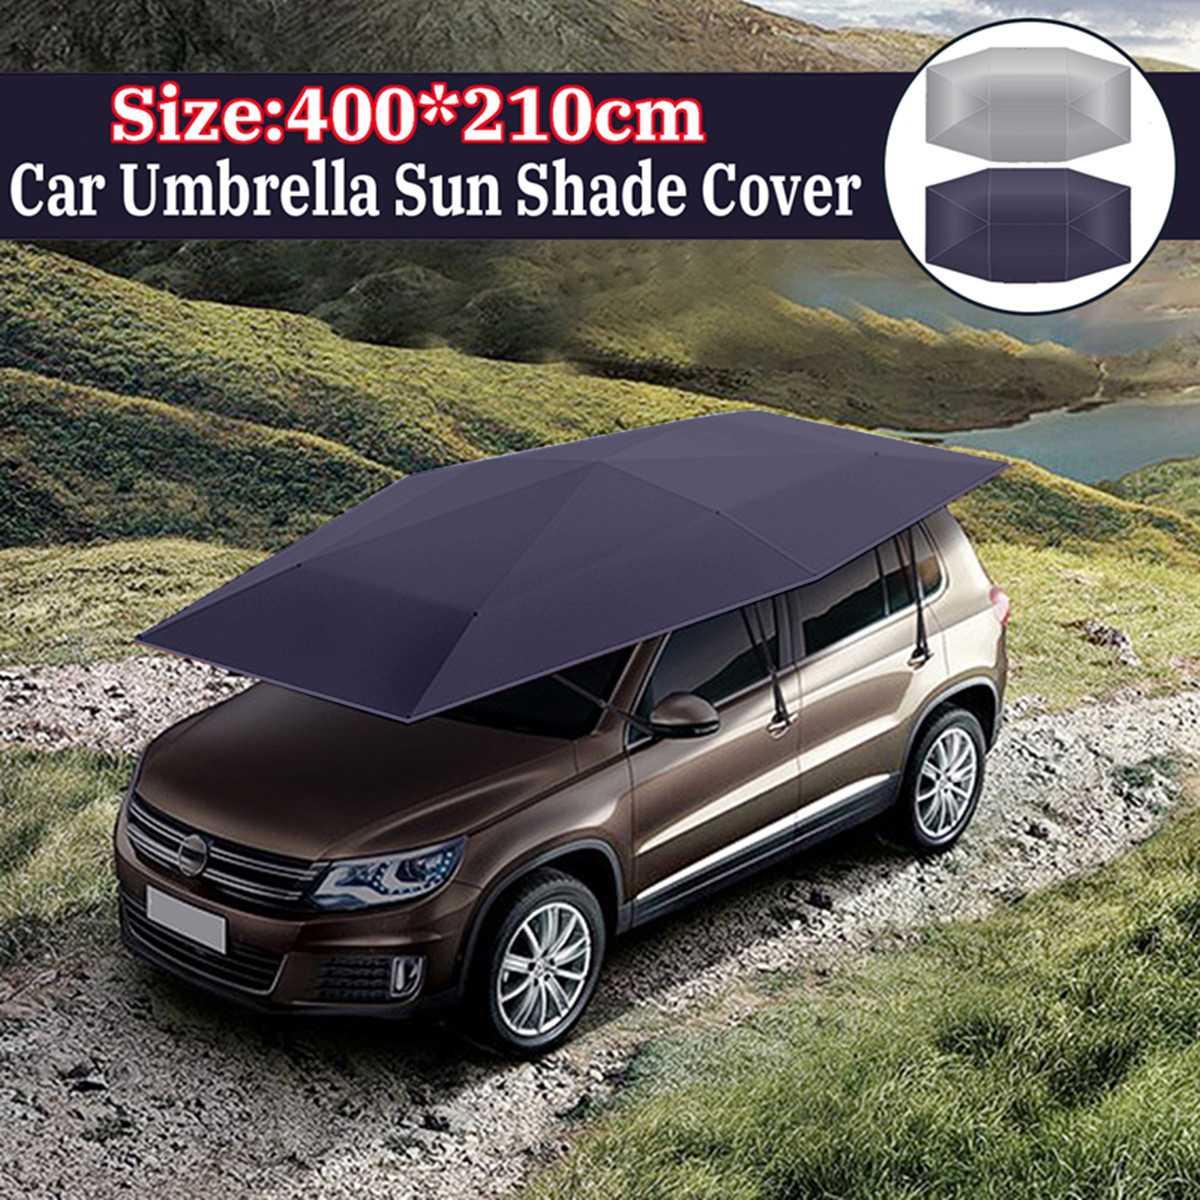 400x210 cm extérieur voiture véhicule tente voiture parapluie soleil ombre couverture Oxford tissu Polyester couvre bleu/argent sans support